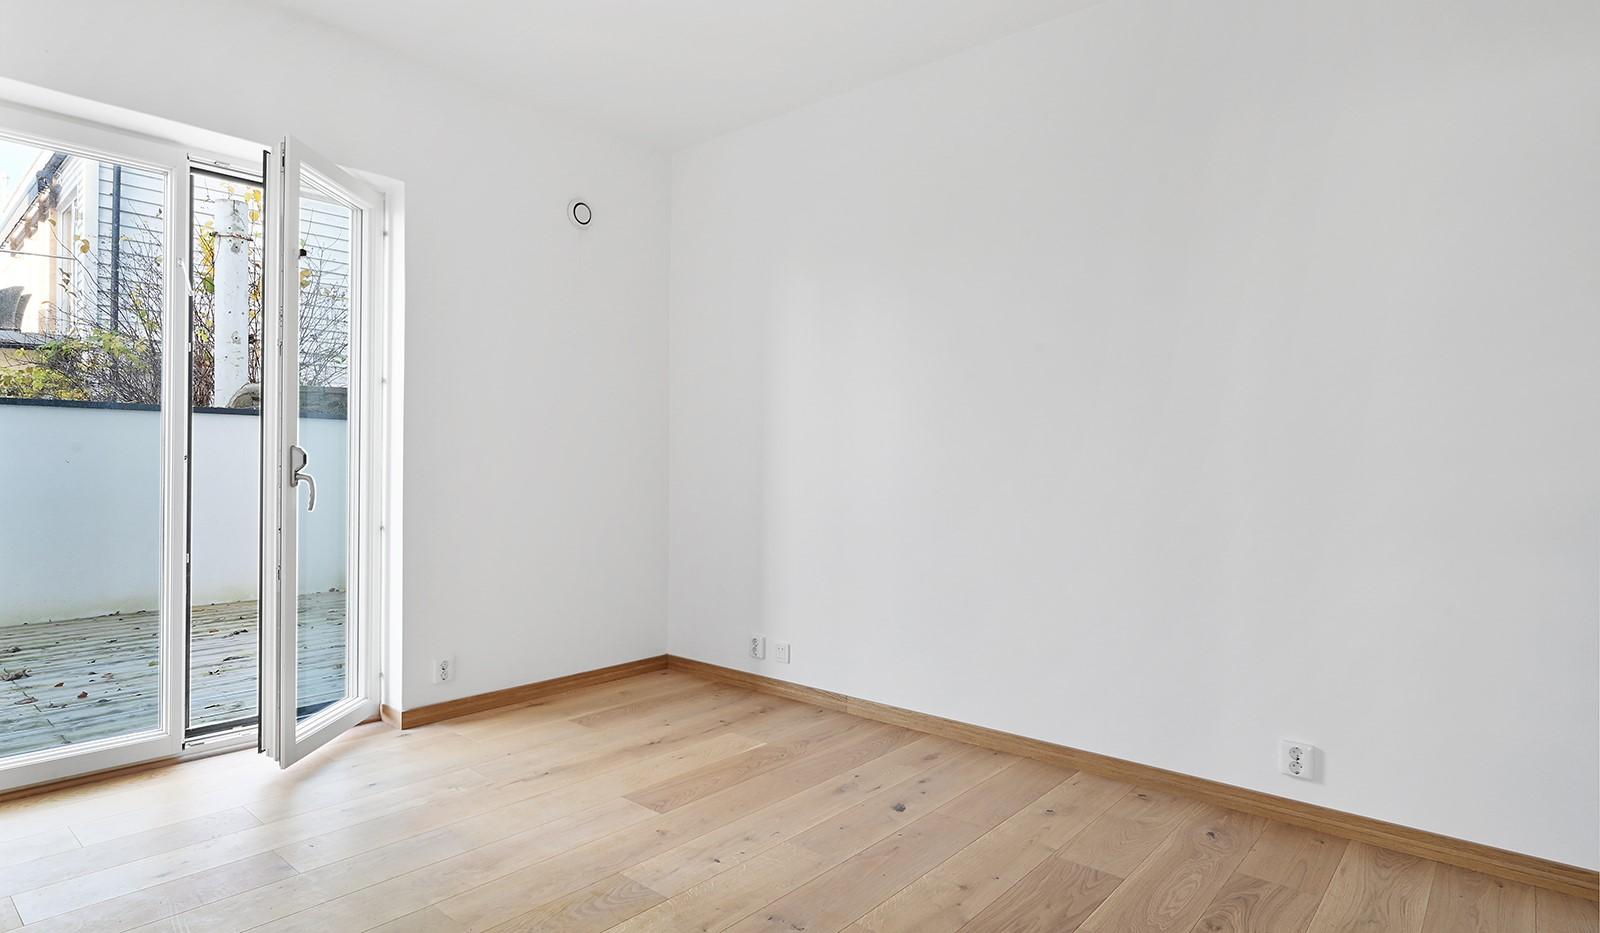 Vårby allé 31, 1tr - Sovrum3 med utg till terrassen